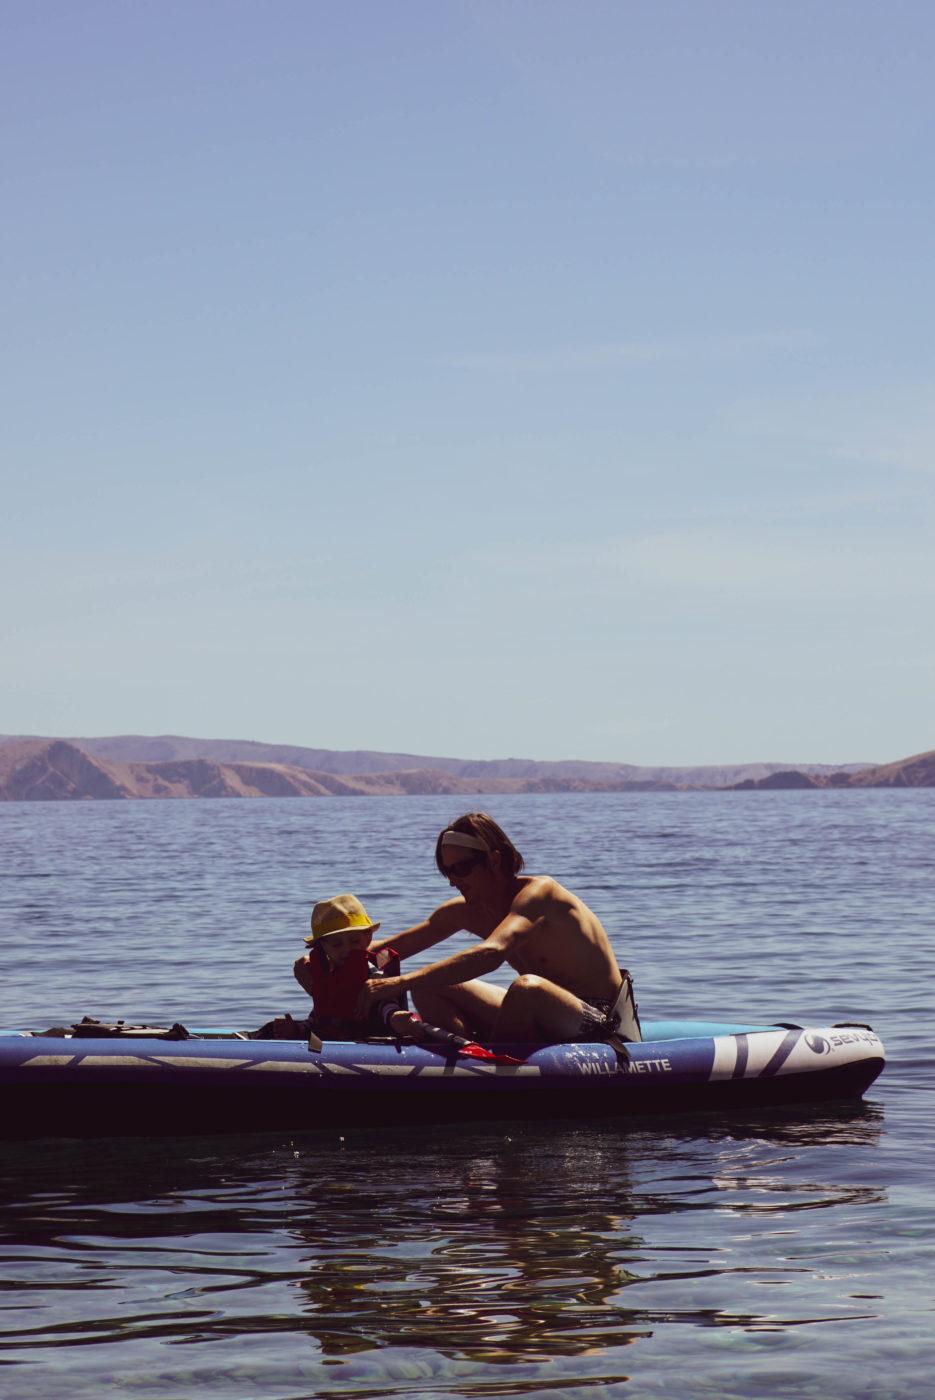 Paul und Luk padeln in einem Luftkajaküber spiegelglattes Wasser. Im hintergrund ist die Küste einer Insel zu sehen